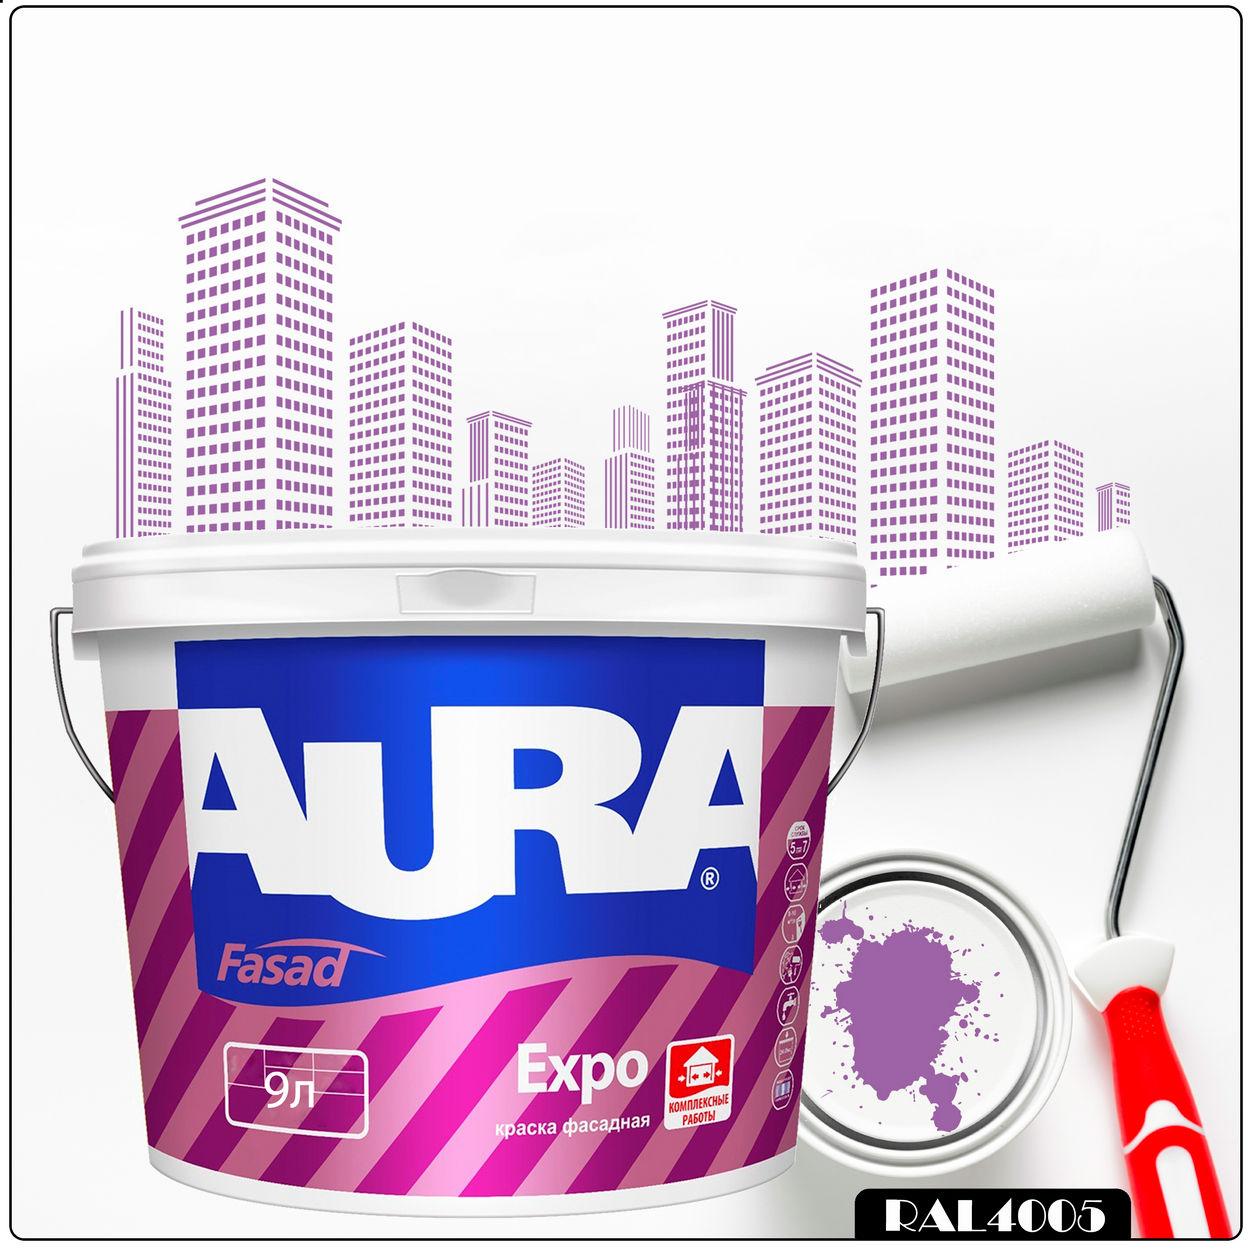 Фото 5 - Краска Aura Fasad Expo, RAL 4005 Сине-сиреневый, матовая, для фасадов и помещений с повышенной влажностью, 9л.